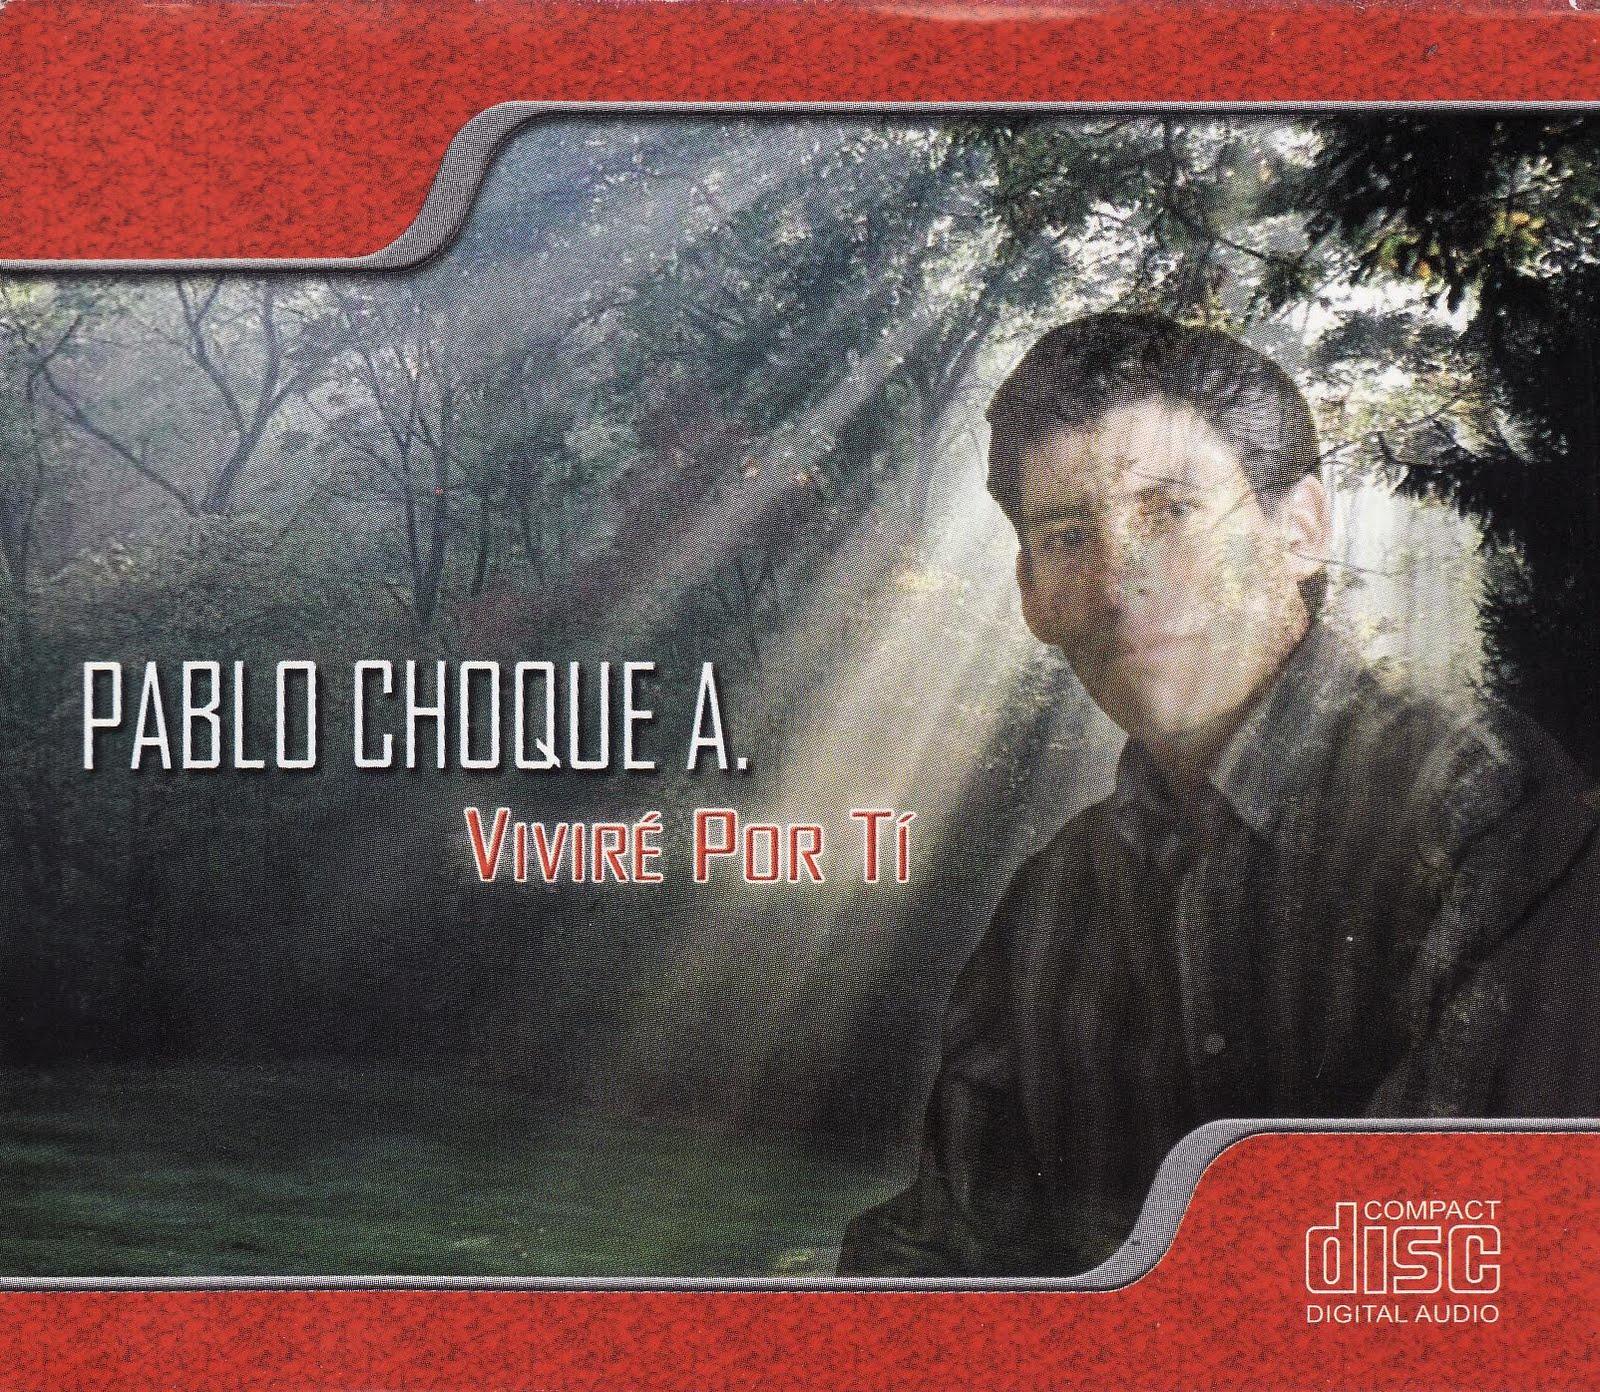 PabloChoqueCd